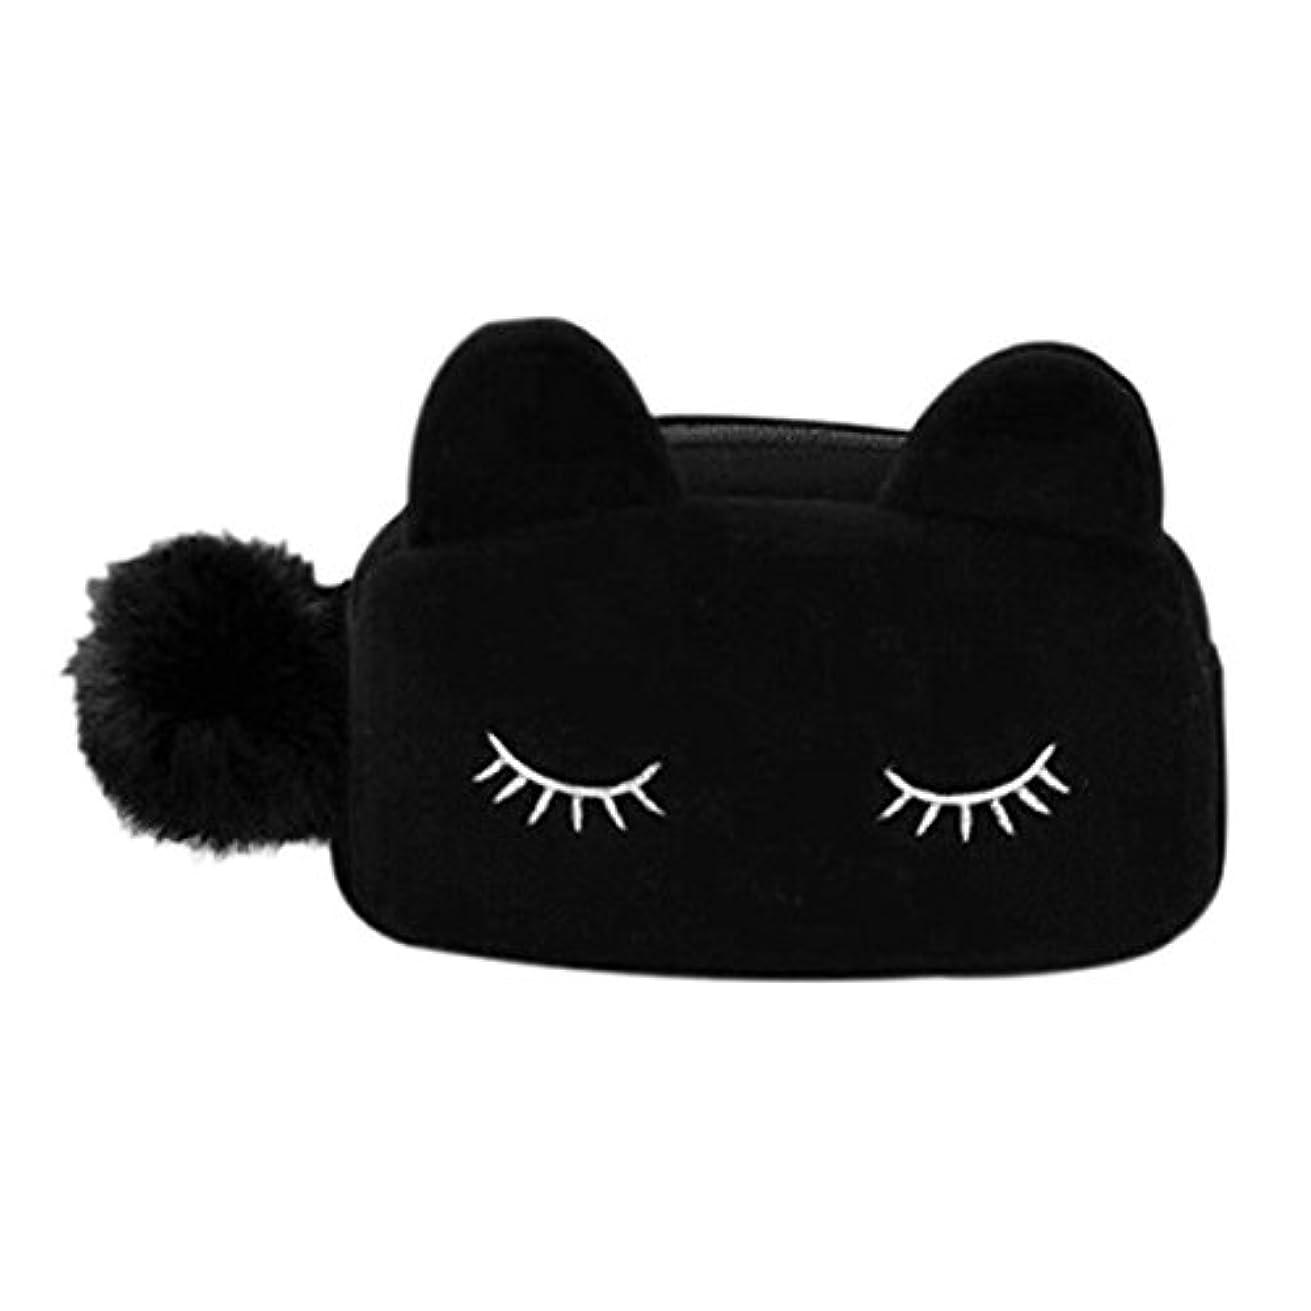 王子黒食い違い猫 化粧ポーチ バニティベロア ポンポン付き ブラック